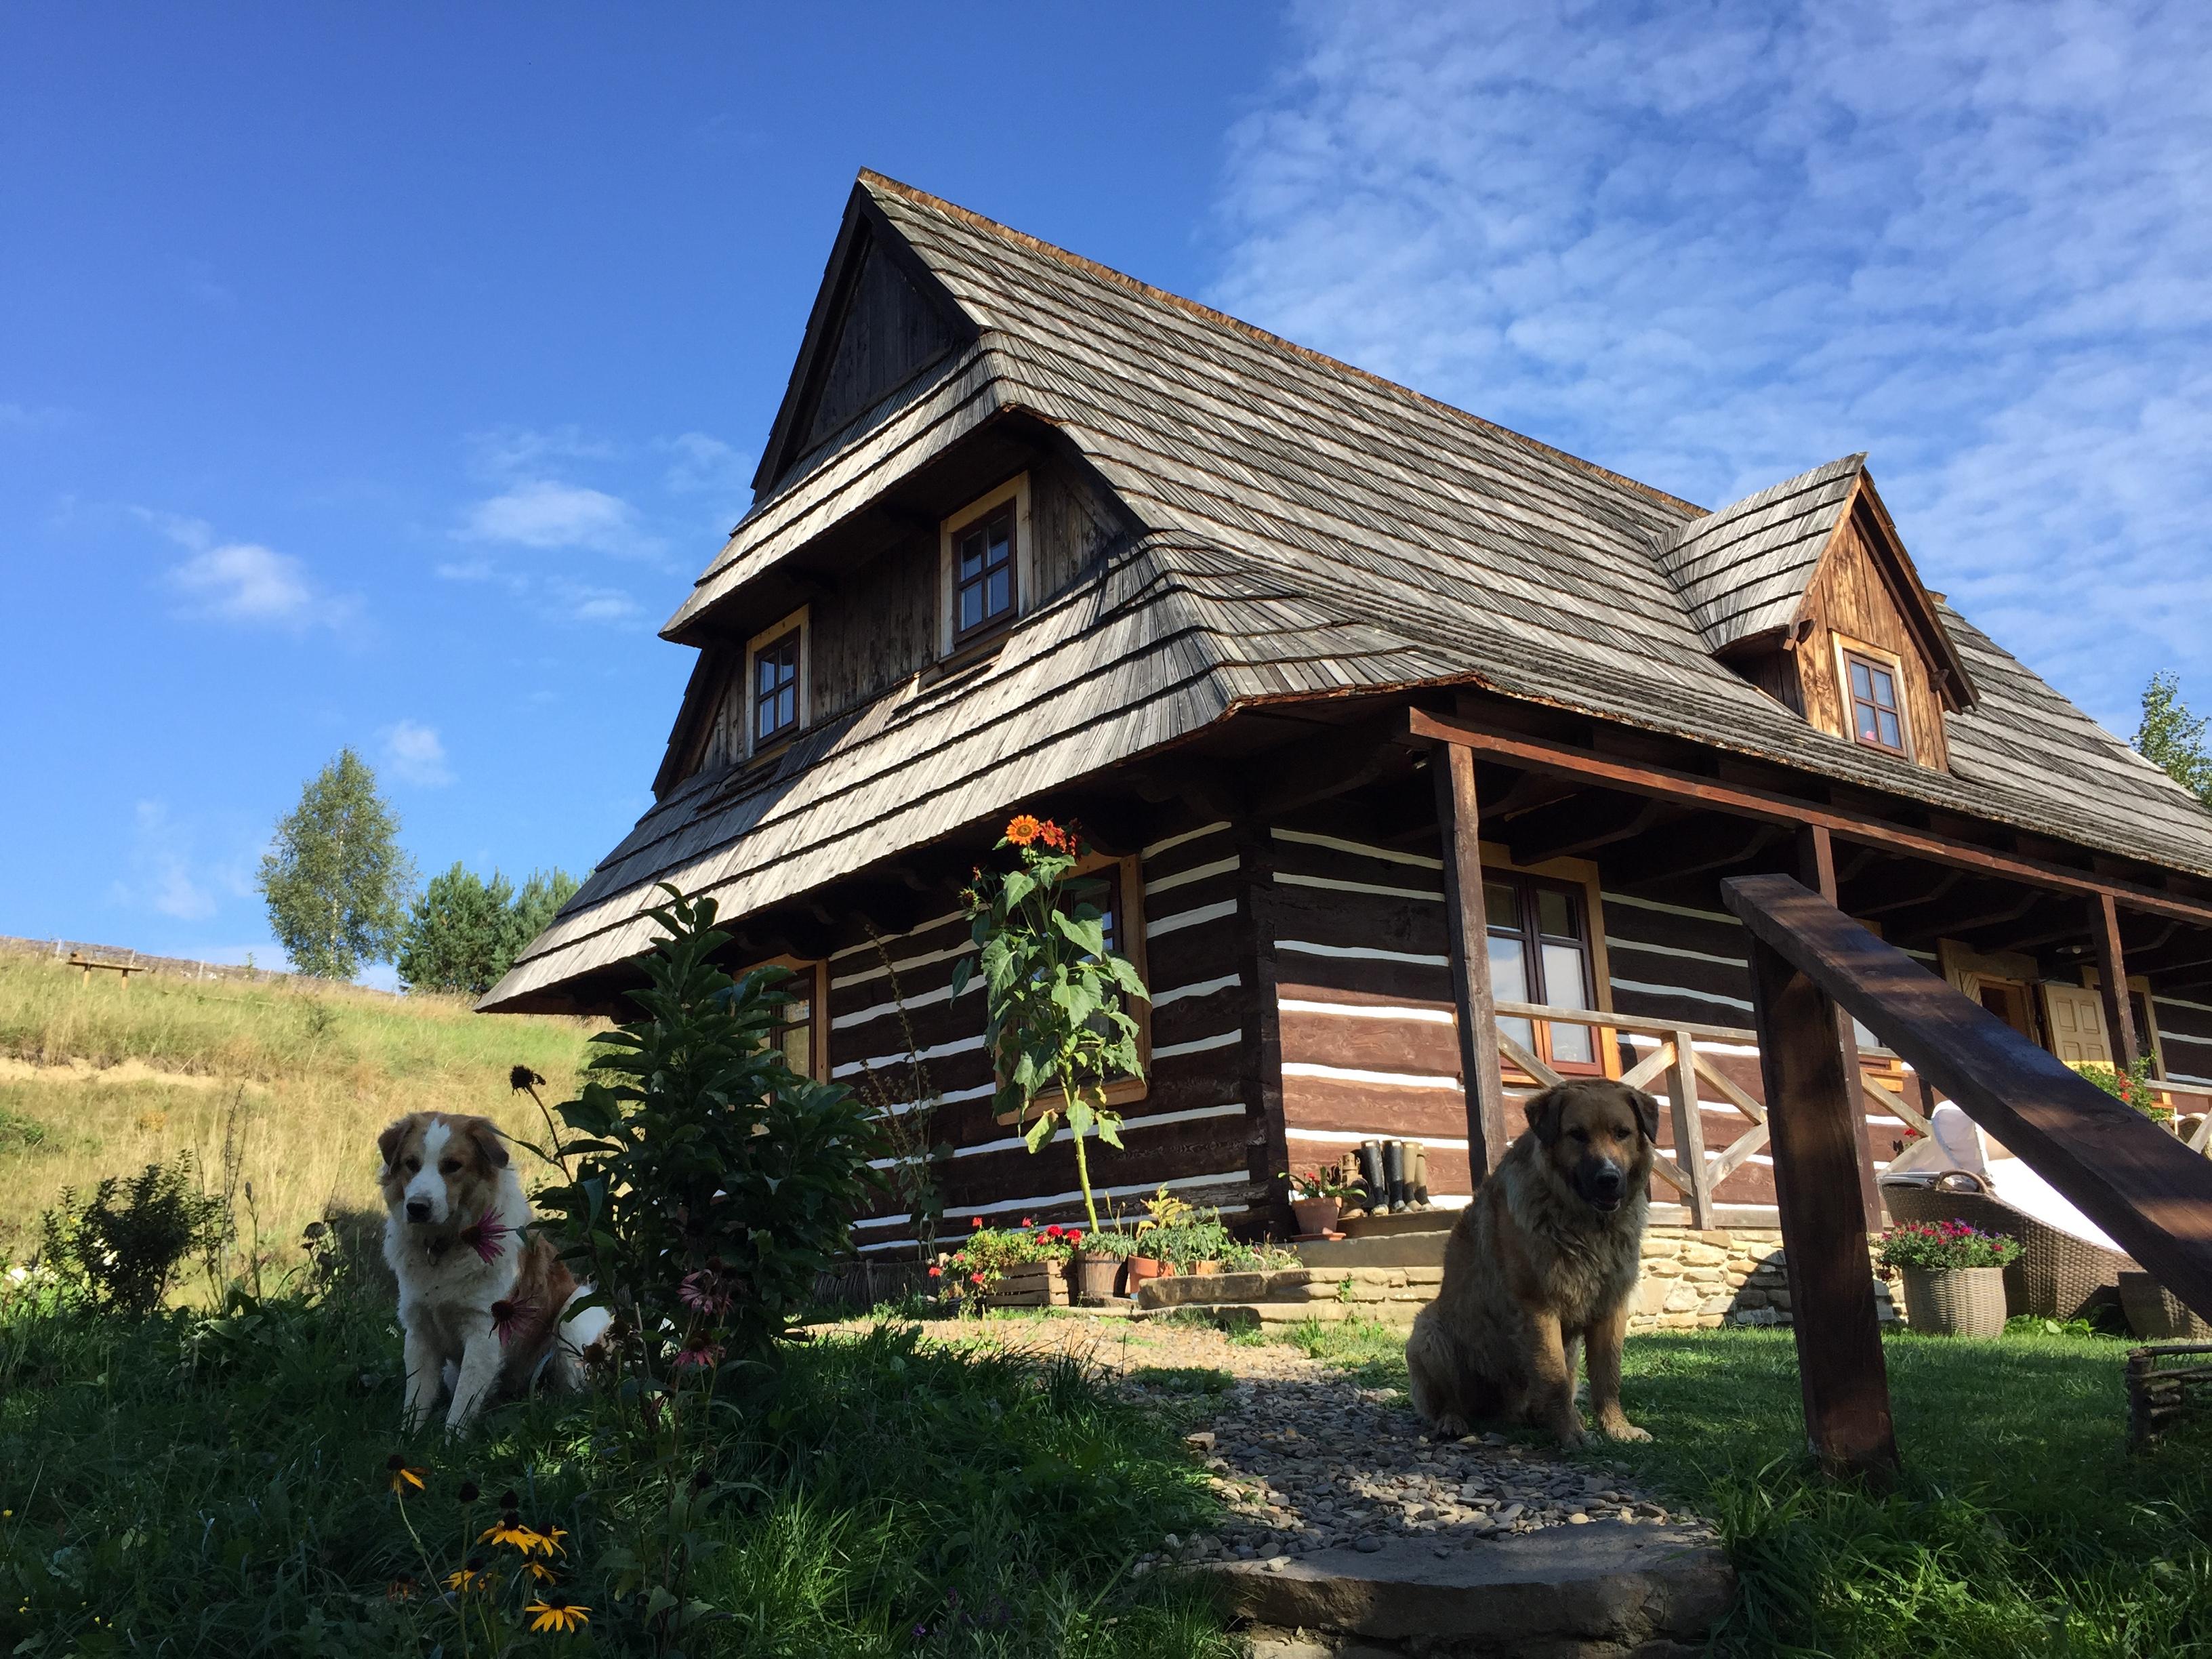 Magiczne Bieszczady, Bieszczady, co zobaczyć w Bieszczadach, gdzie mieszkać w Bieszczadach, magiczne miejsca w Bieszczadach, Wataha, Maciejewka